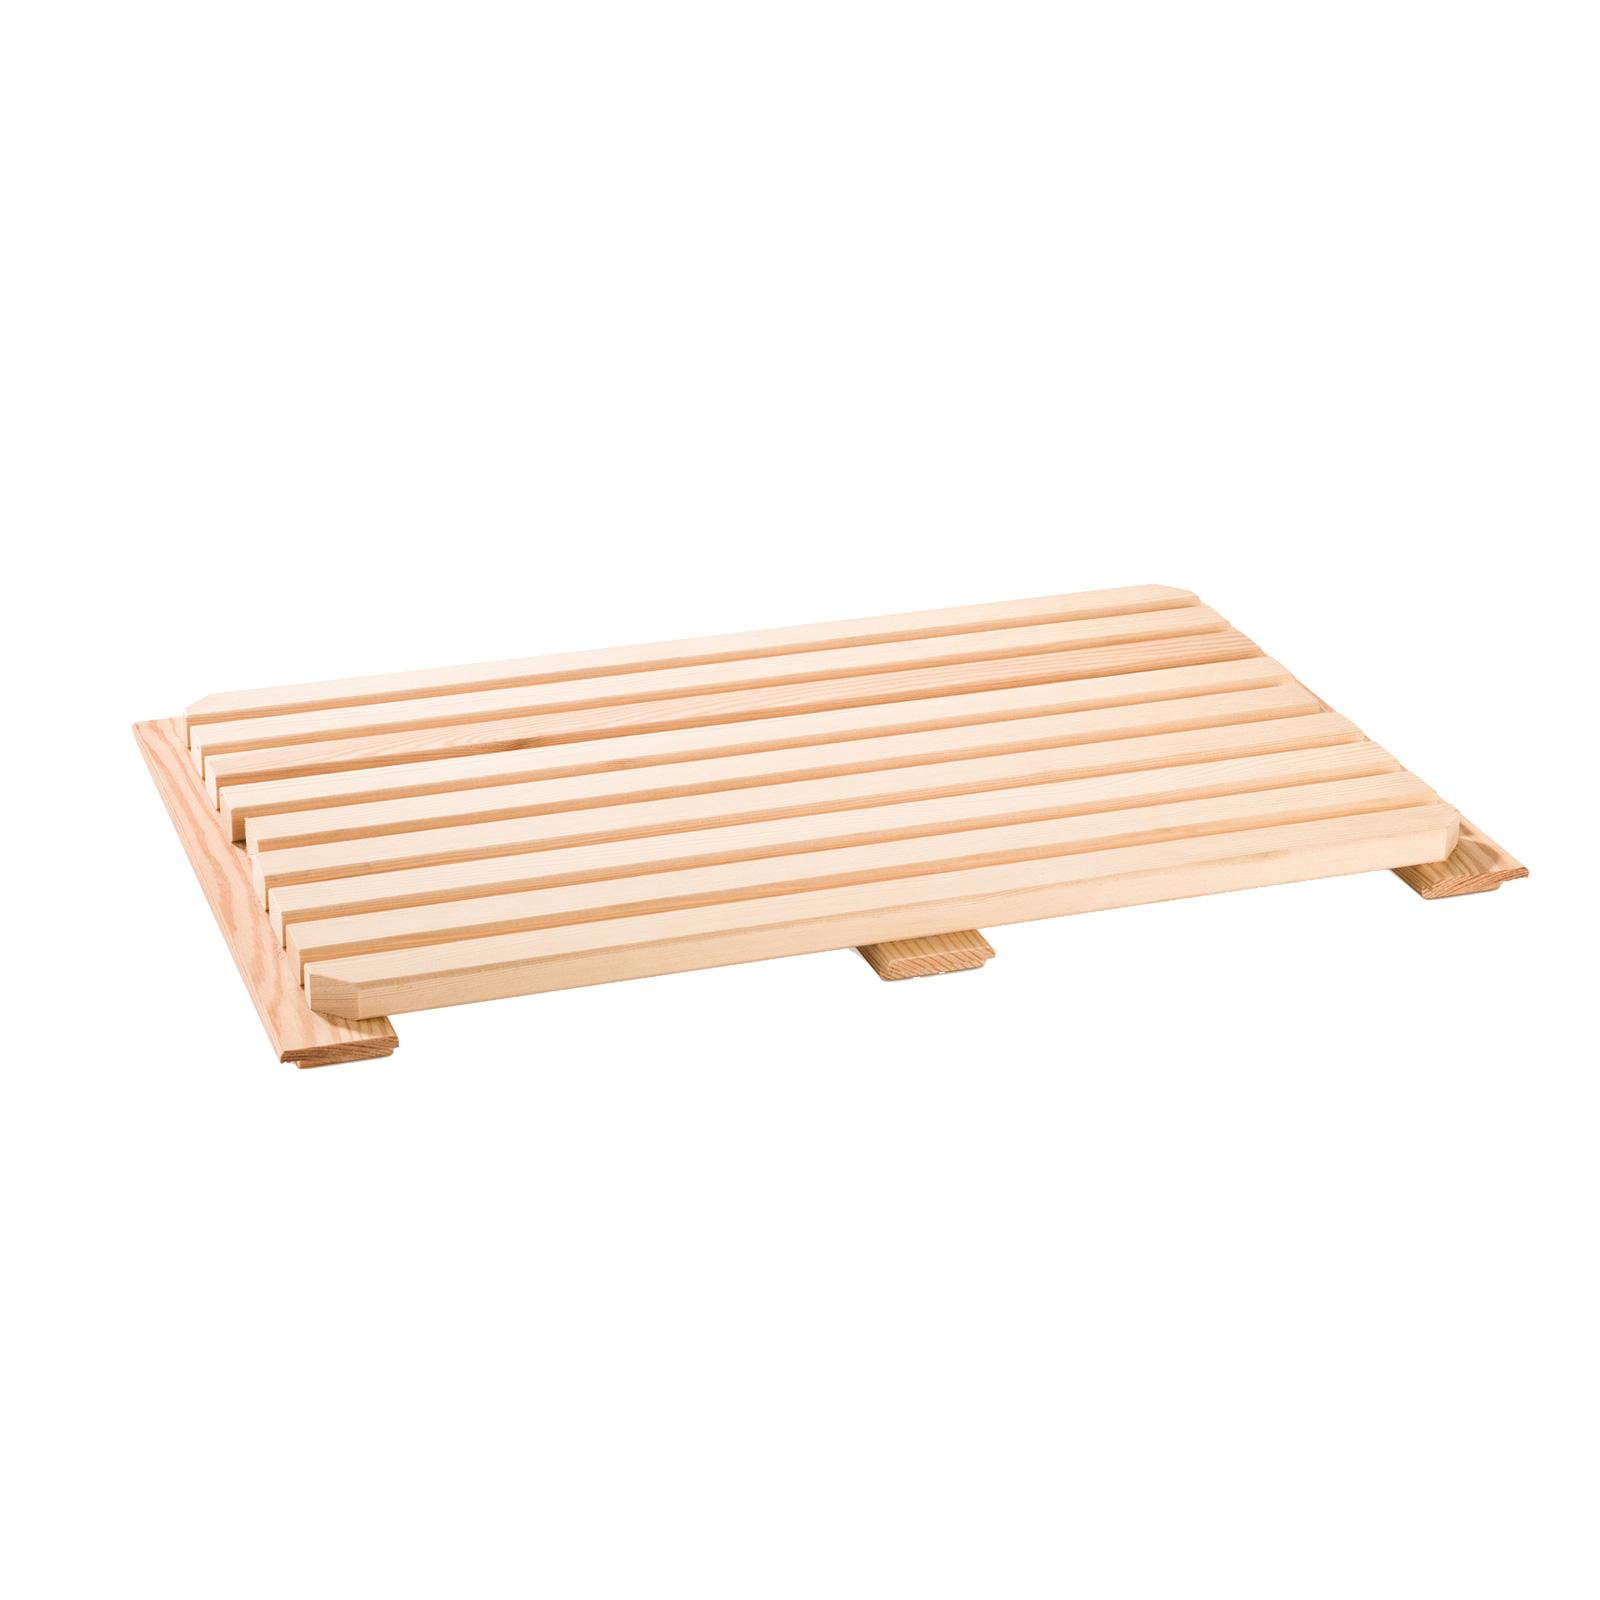 Vollrath V904146 cutting board, wood